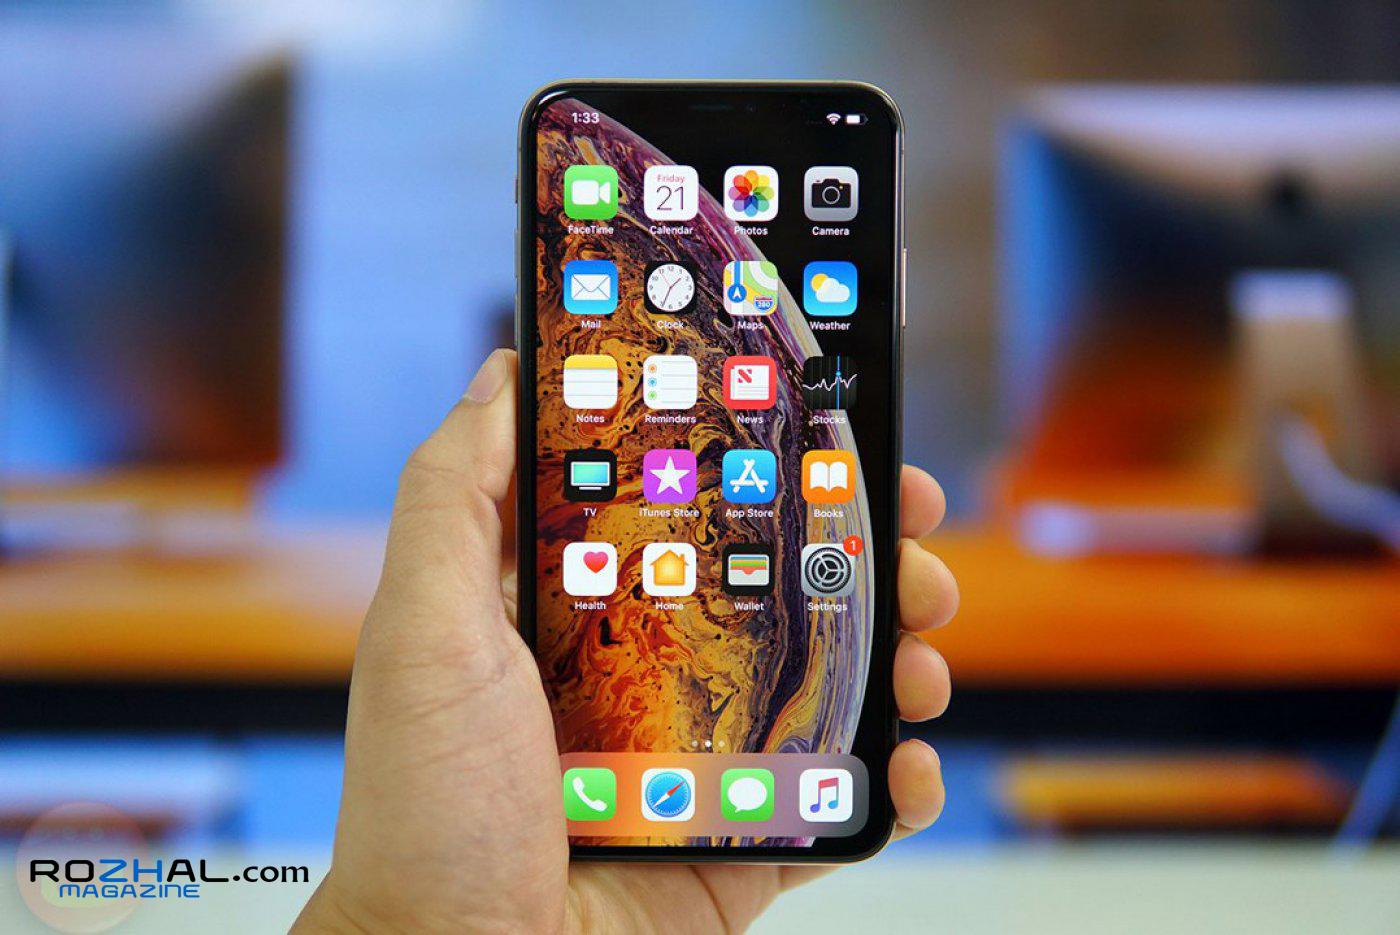 همه آیفونهای سال 2020 اپل از نمایشگر OLED برخوردار میشوند